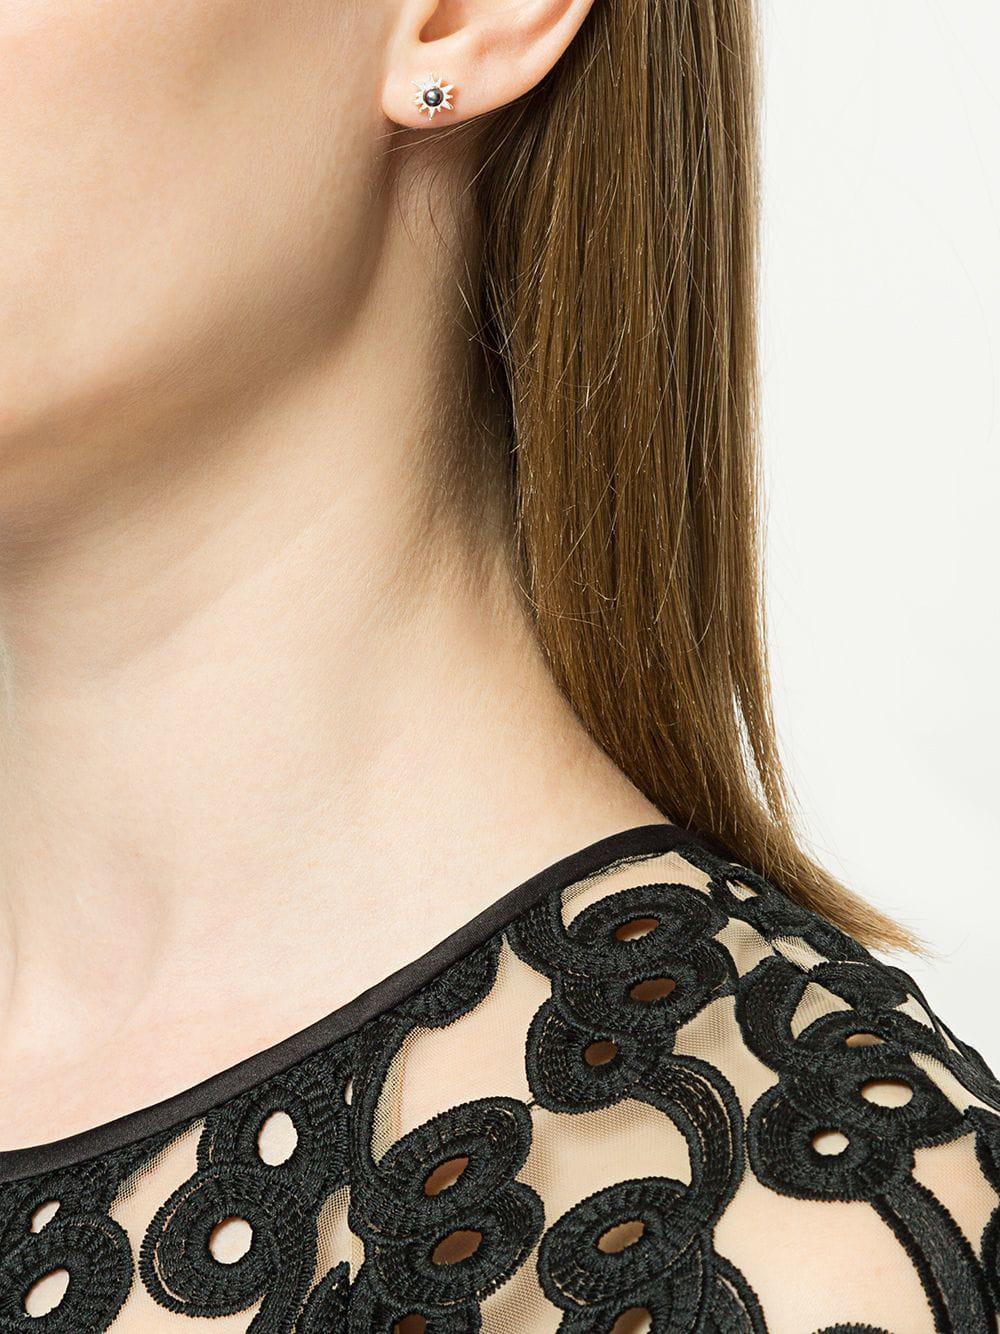 473ec7a36c3e6 Women's Metallic Temptation Stud Earrings